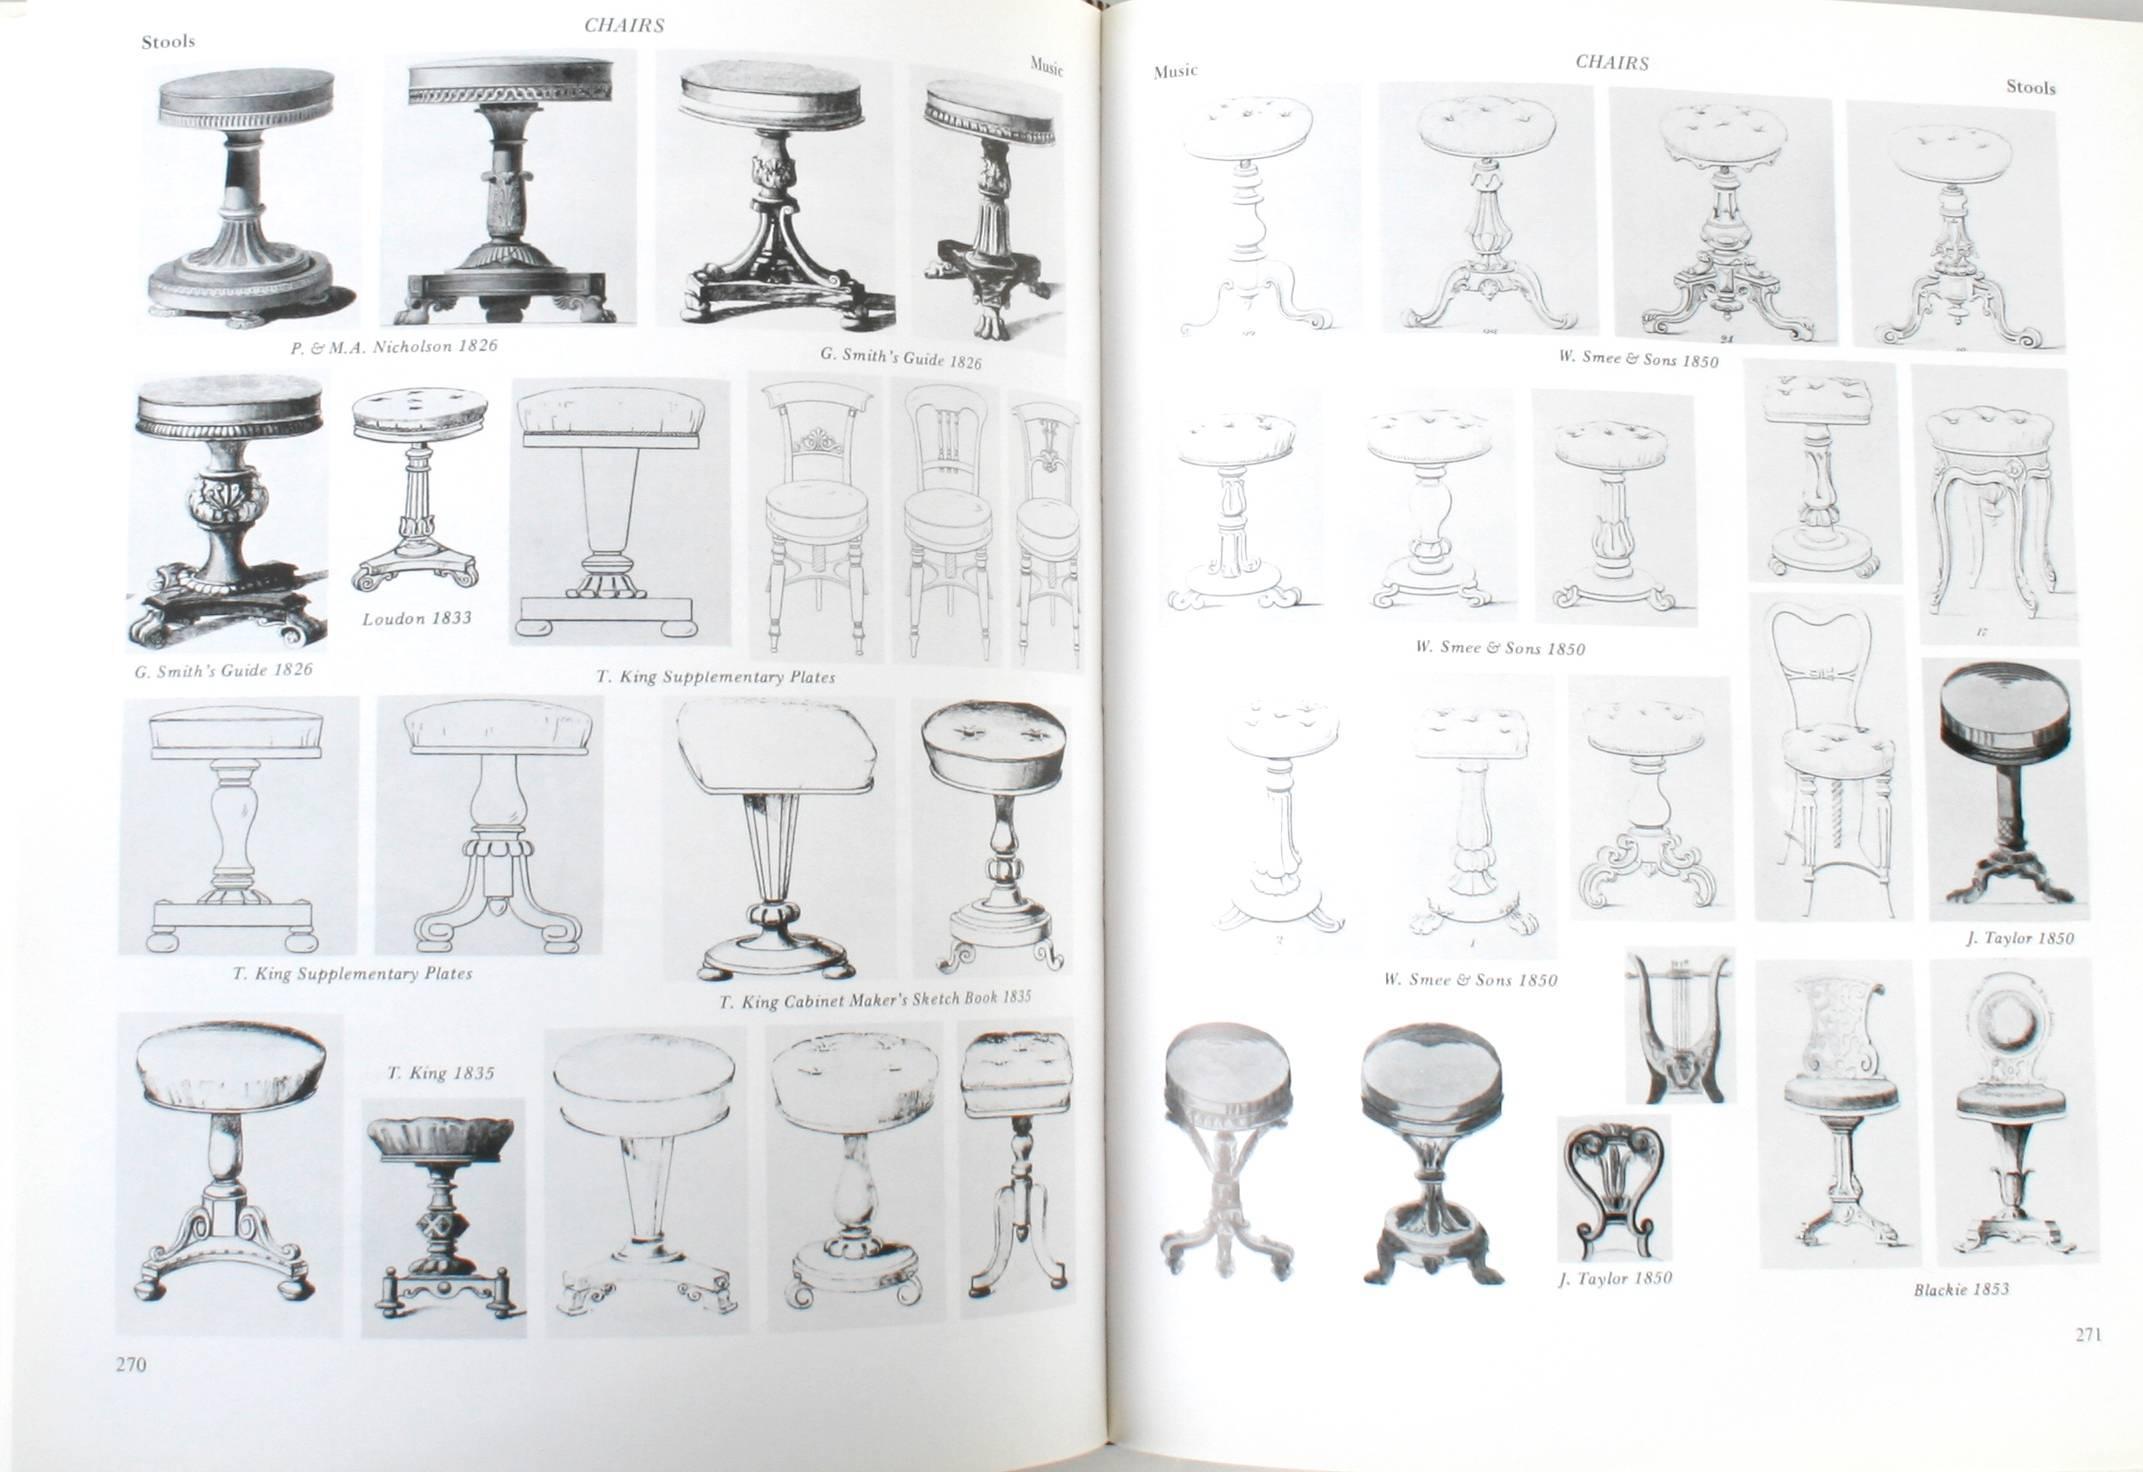 Pictorial Dictionary Of British 19th Century Furniture Design. Woodbridge:  The Antique Collectorsu0027 Club